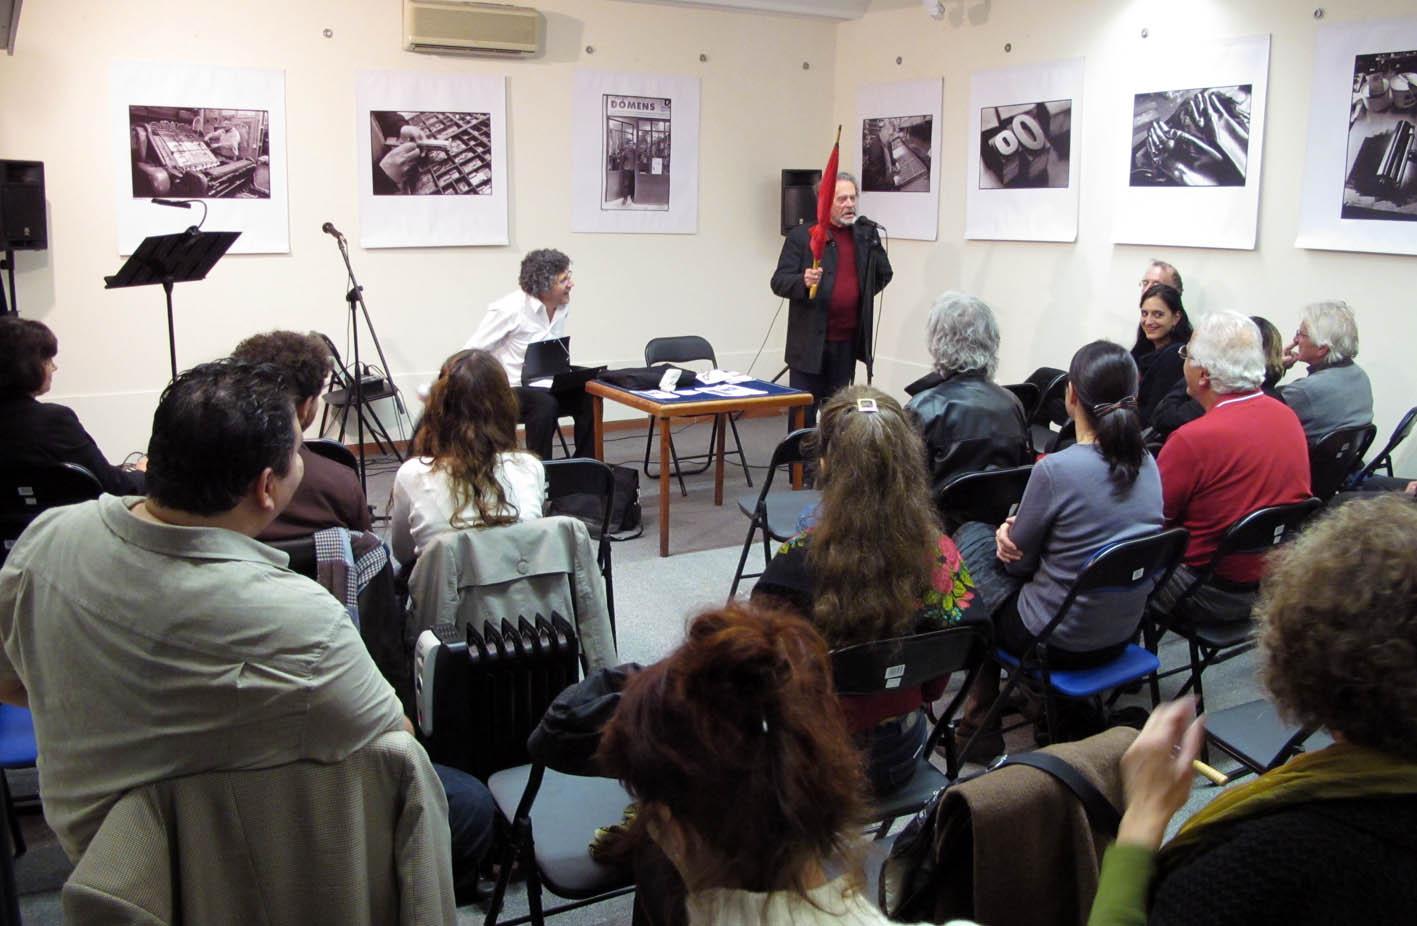 PRESENTATION DU PARAPLUIE ROUGE- JEAN JOUBERT-PATRICIO SANCHEZ- FRANCE-2011.